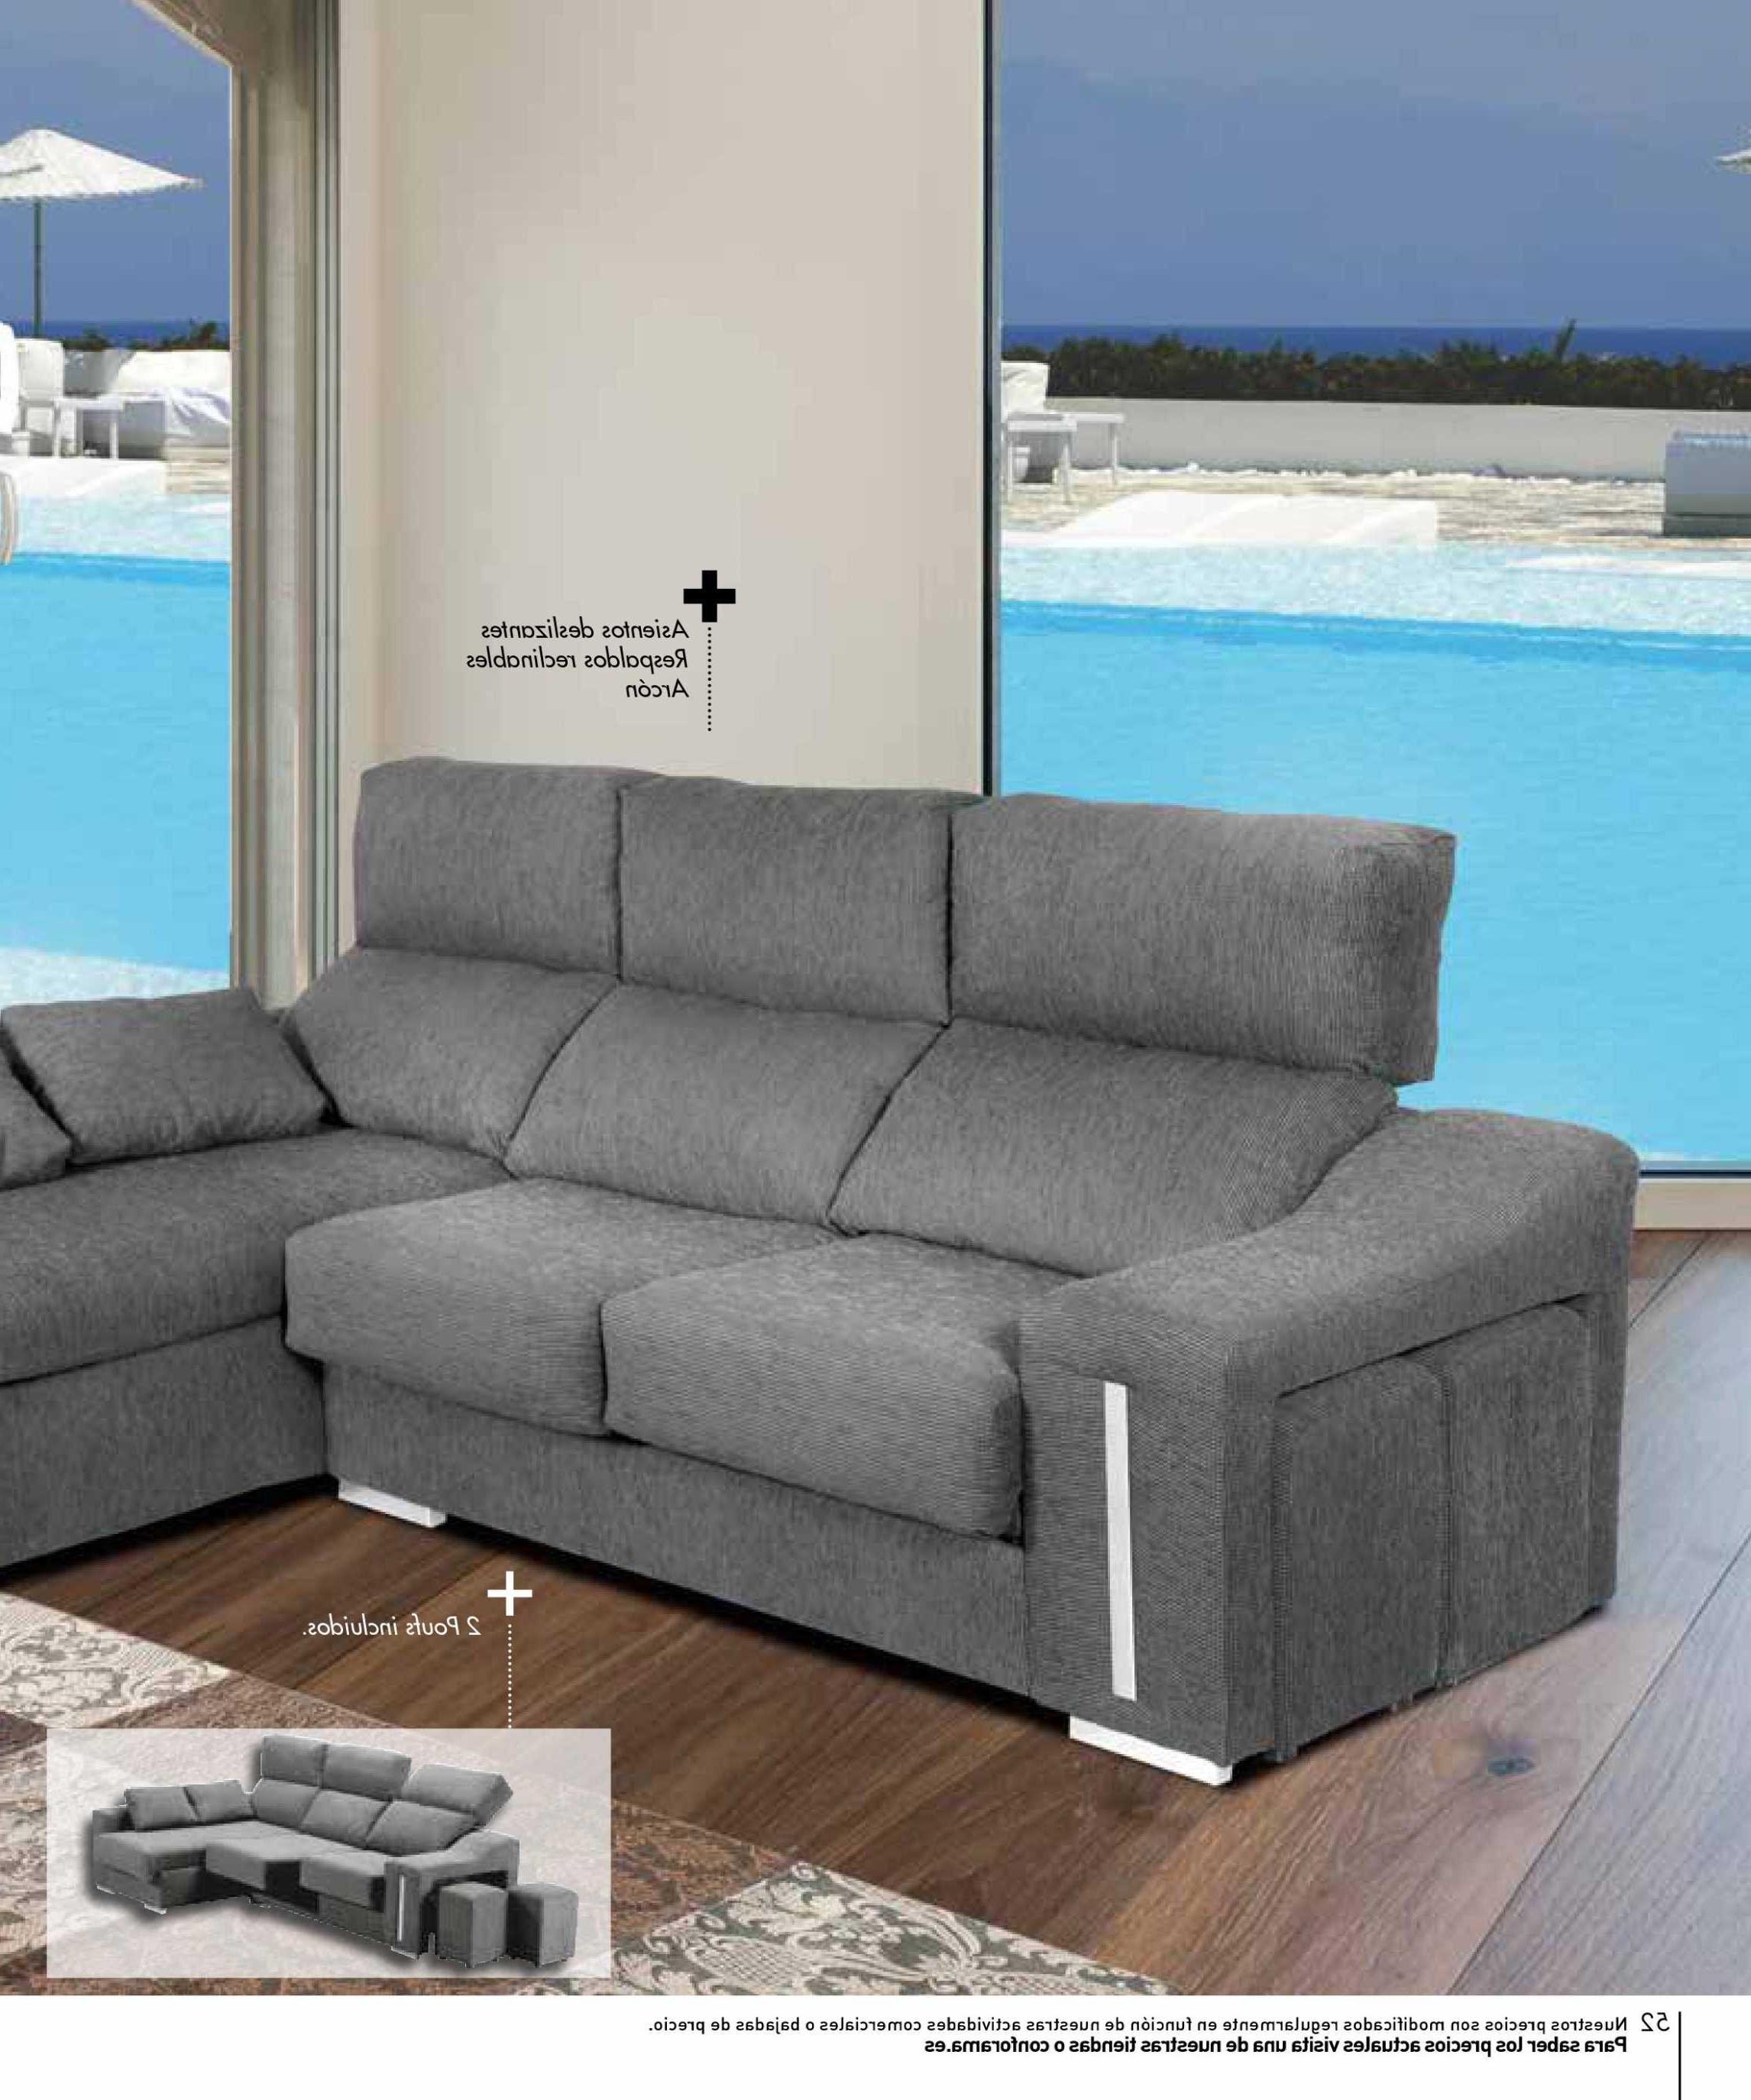 Sofas Conforama Precios 87dx sofas Conforama Shanerucopy